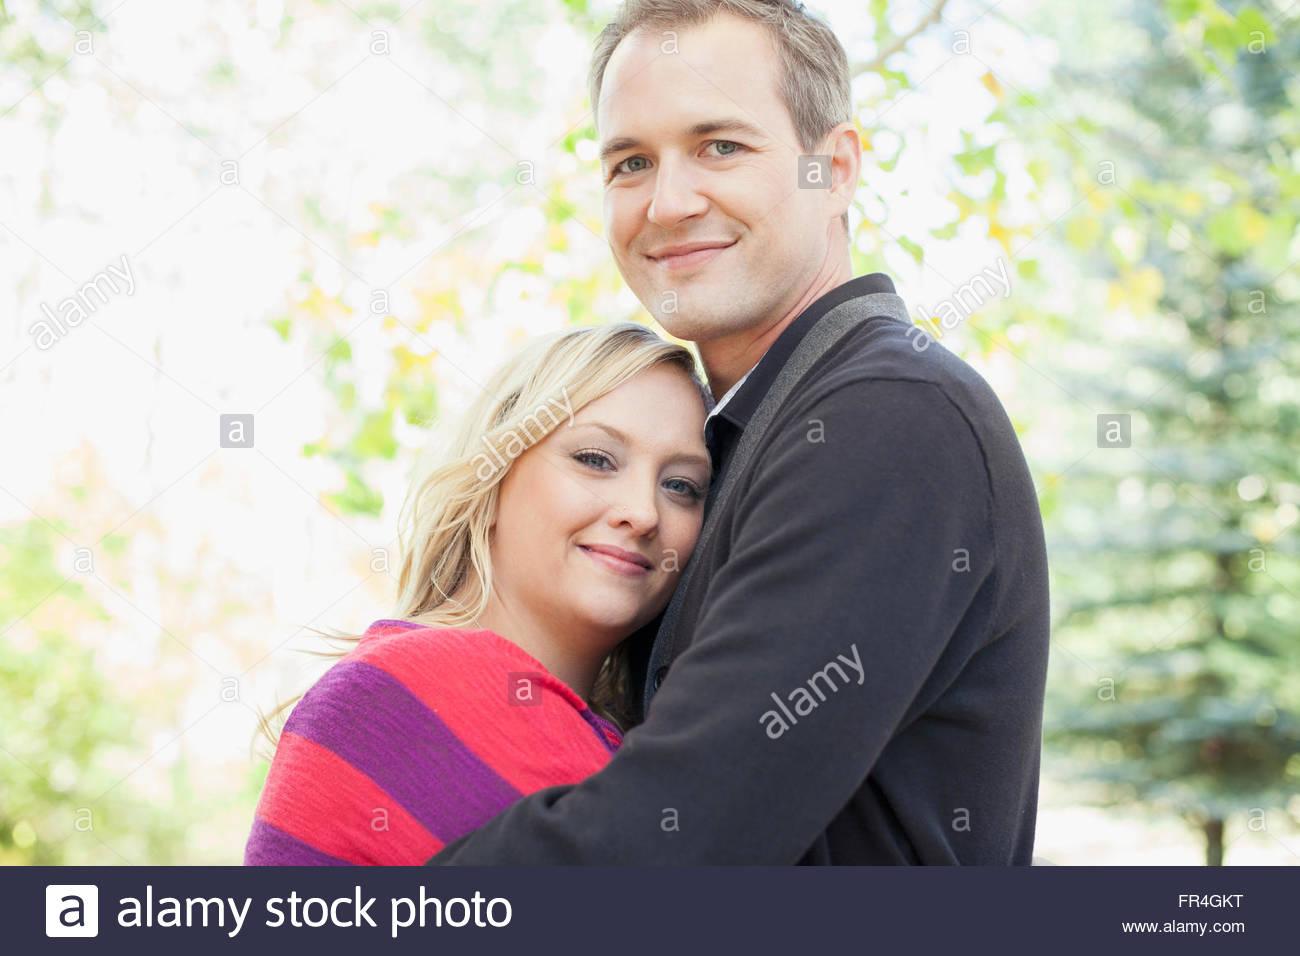 Retrato de marido y mujer atractiva abrazarse mutuamente. Imagen De Stock